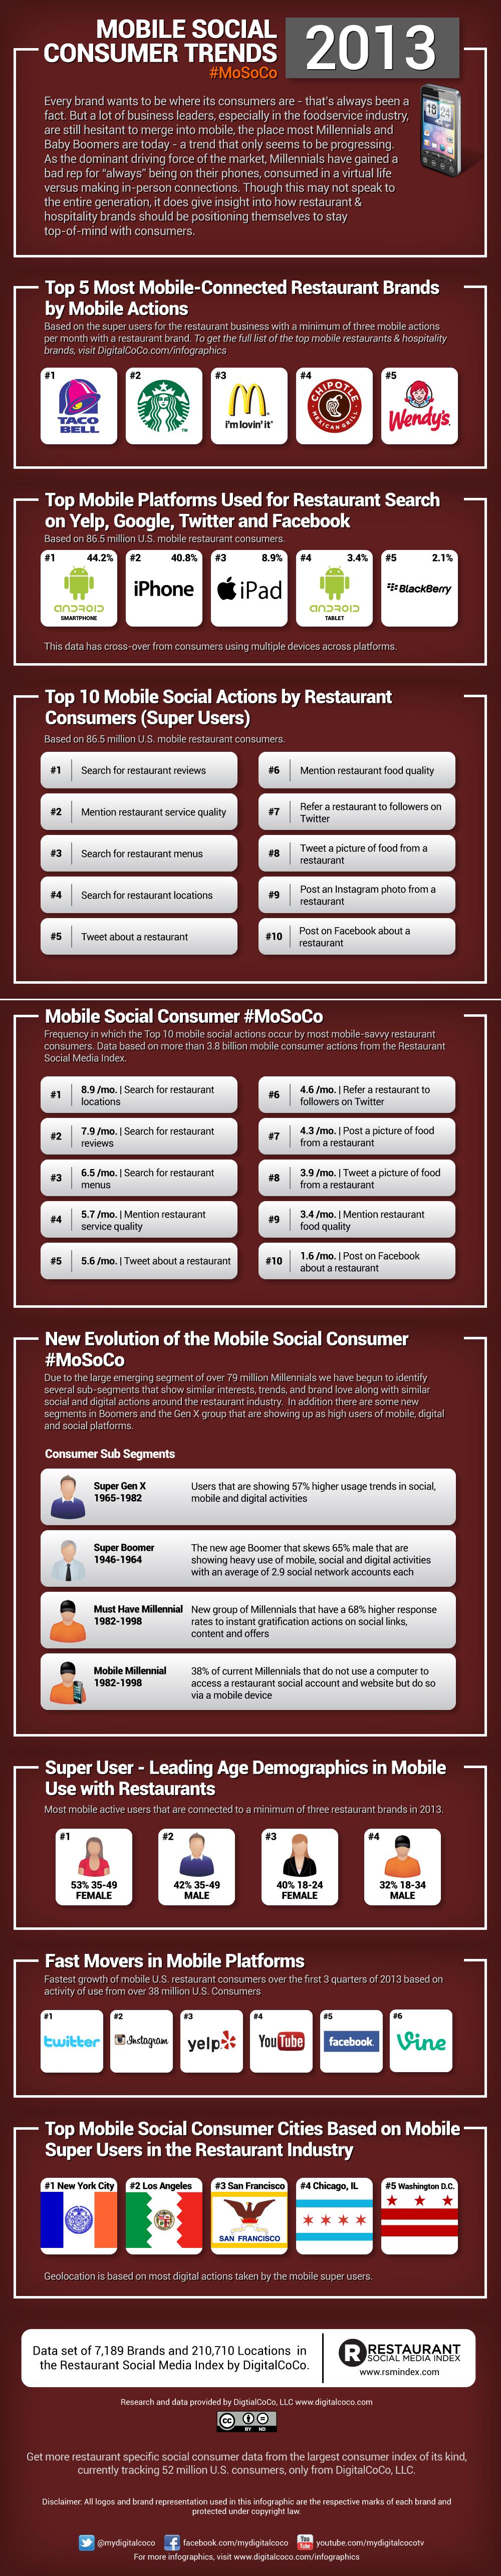 2013-Mobile-Social-Consumer-Trends-Infographic.jpg